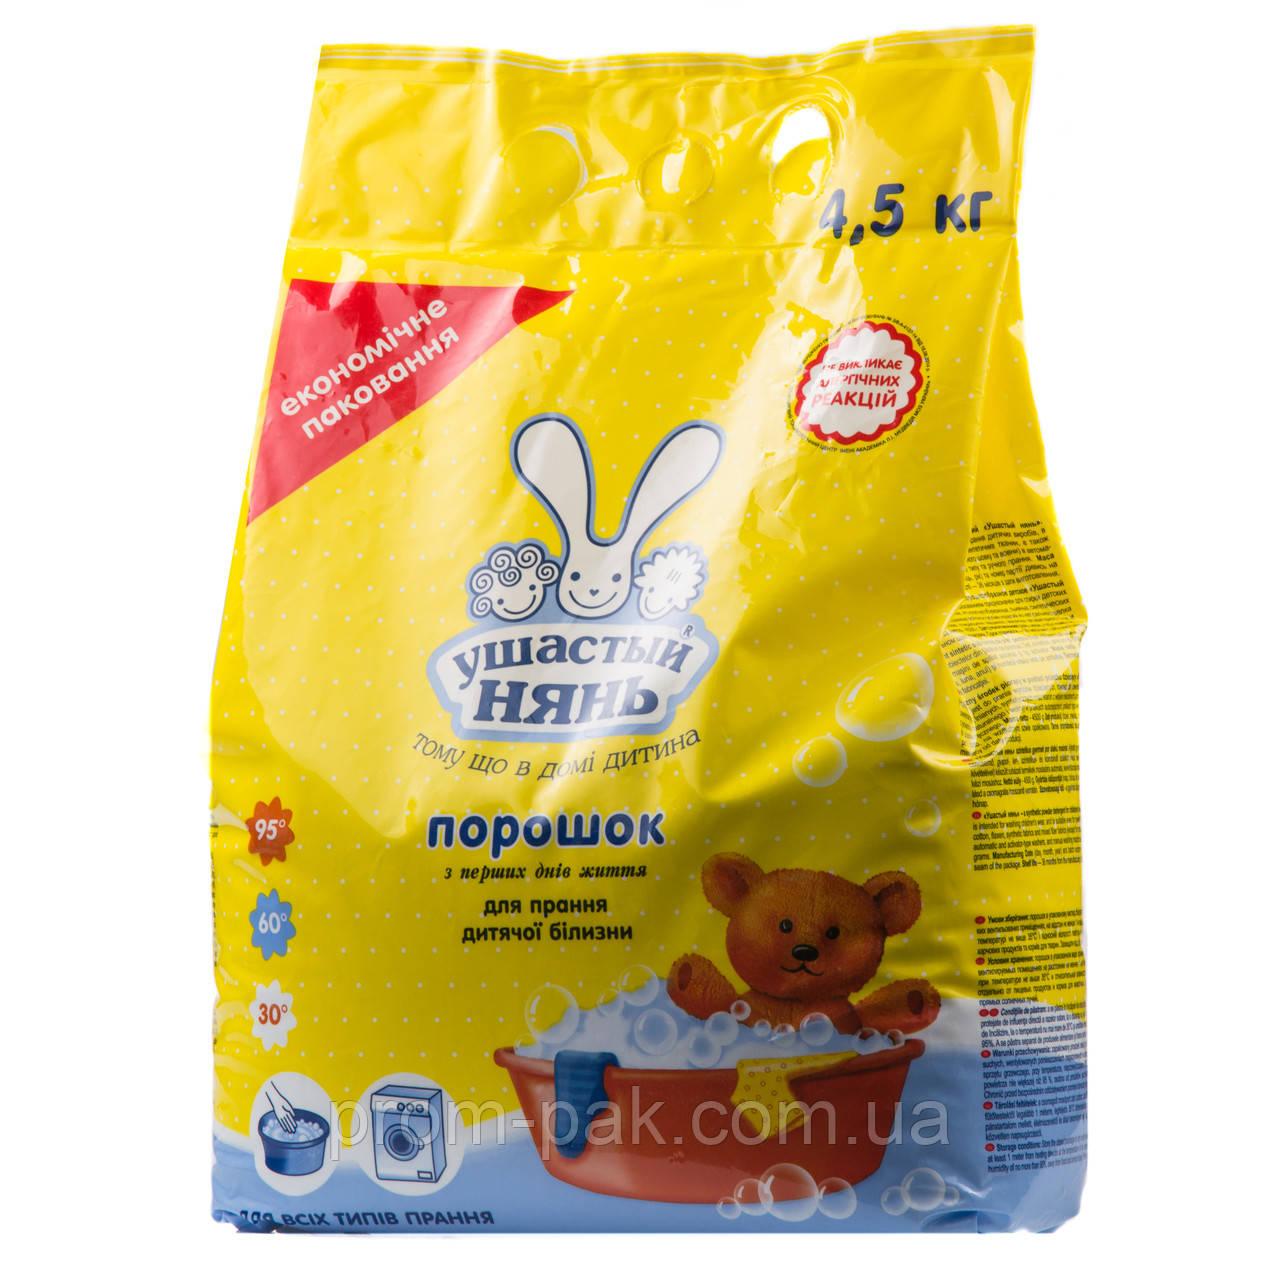 Стиральный порошок «Ушастый нянь» 4,5 кг